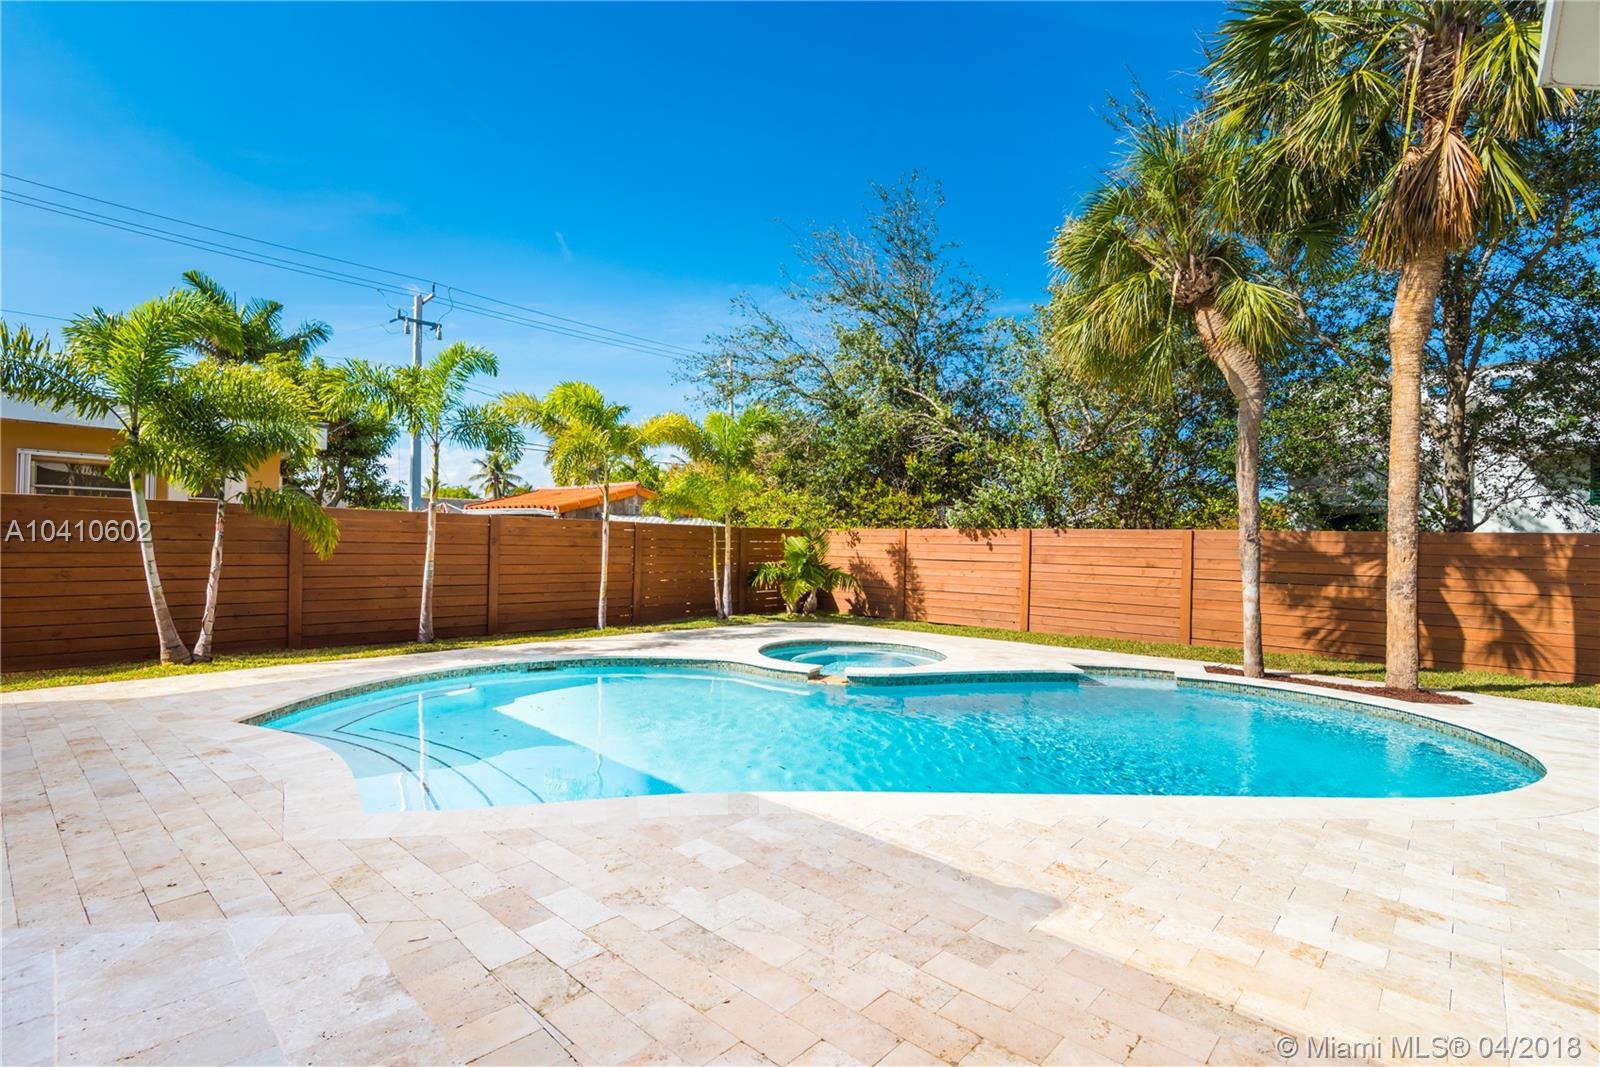 985 S Shore Dr, Miami Beach FL, 33141